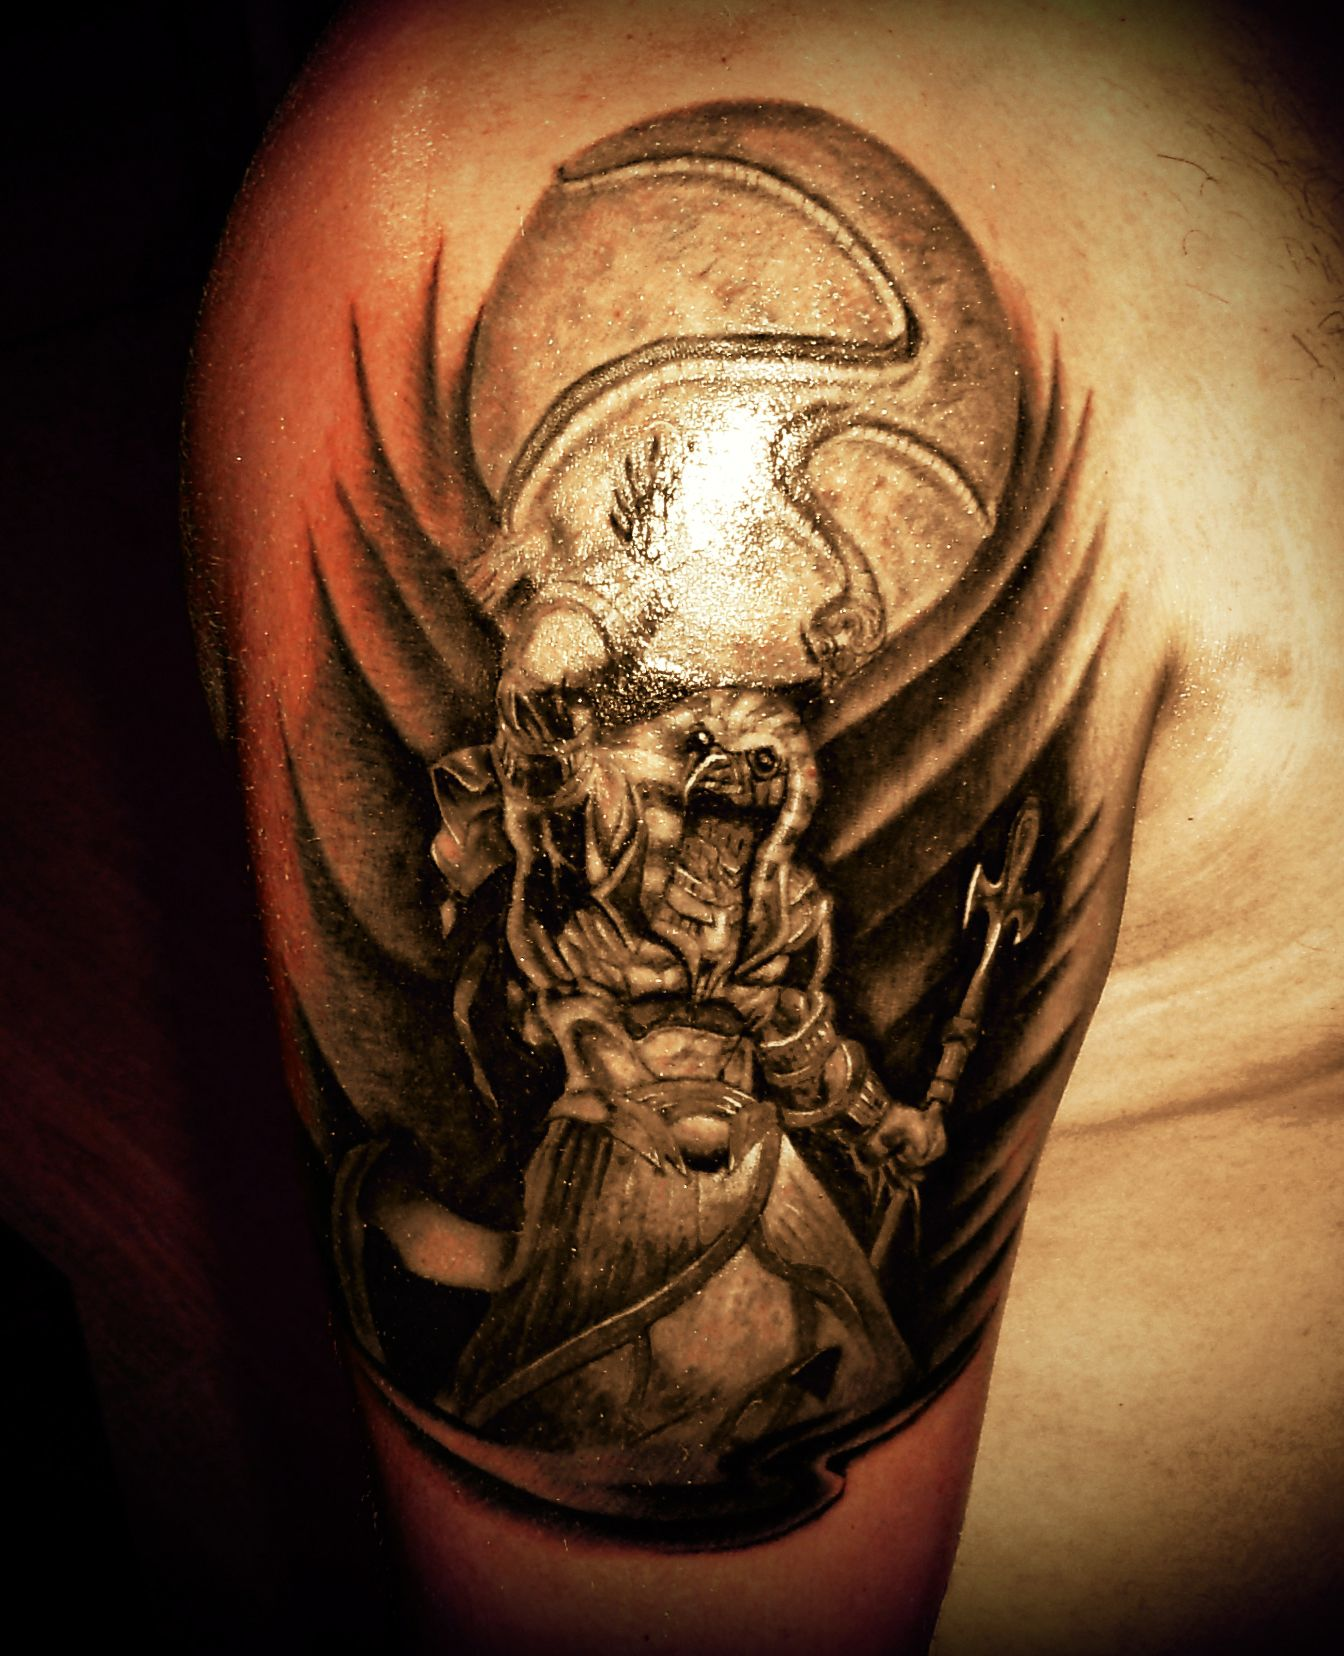 thoth tattoo pesquisa google tattoo ideas pinterest tattoo death tattoo and tattoo art. Black Bedroom Furniture Sets. Home Design Ideas